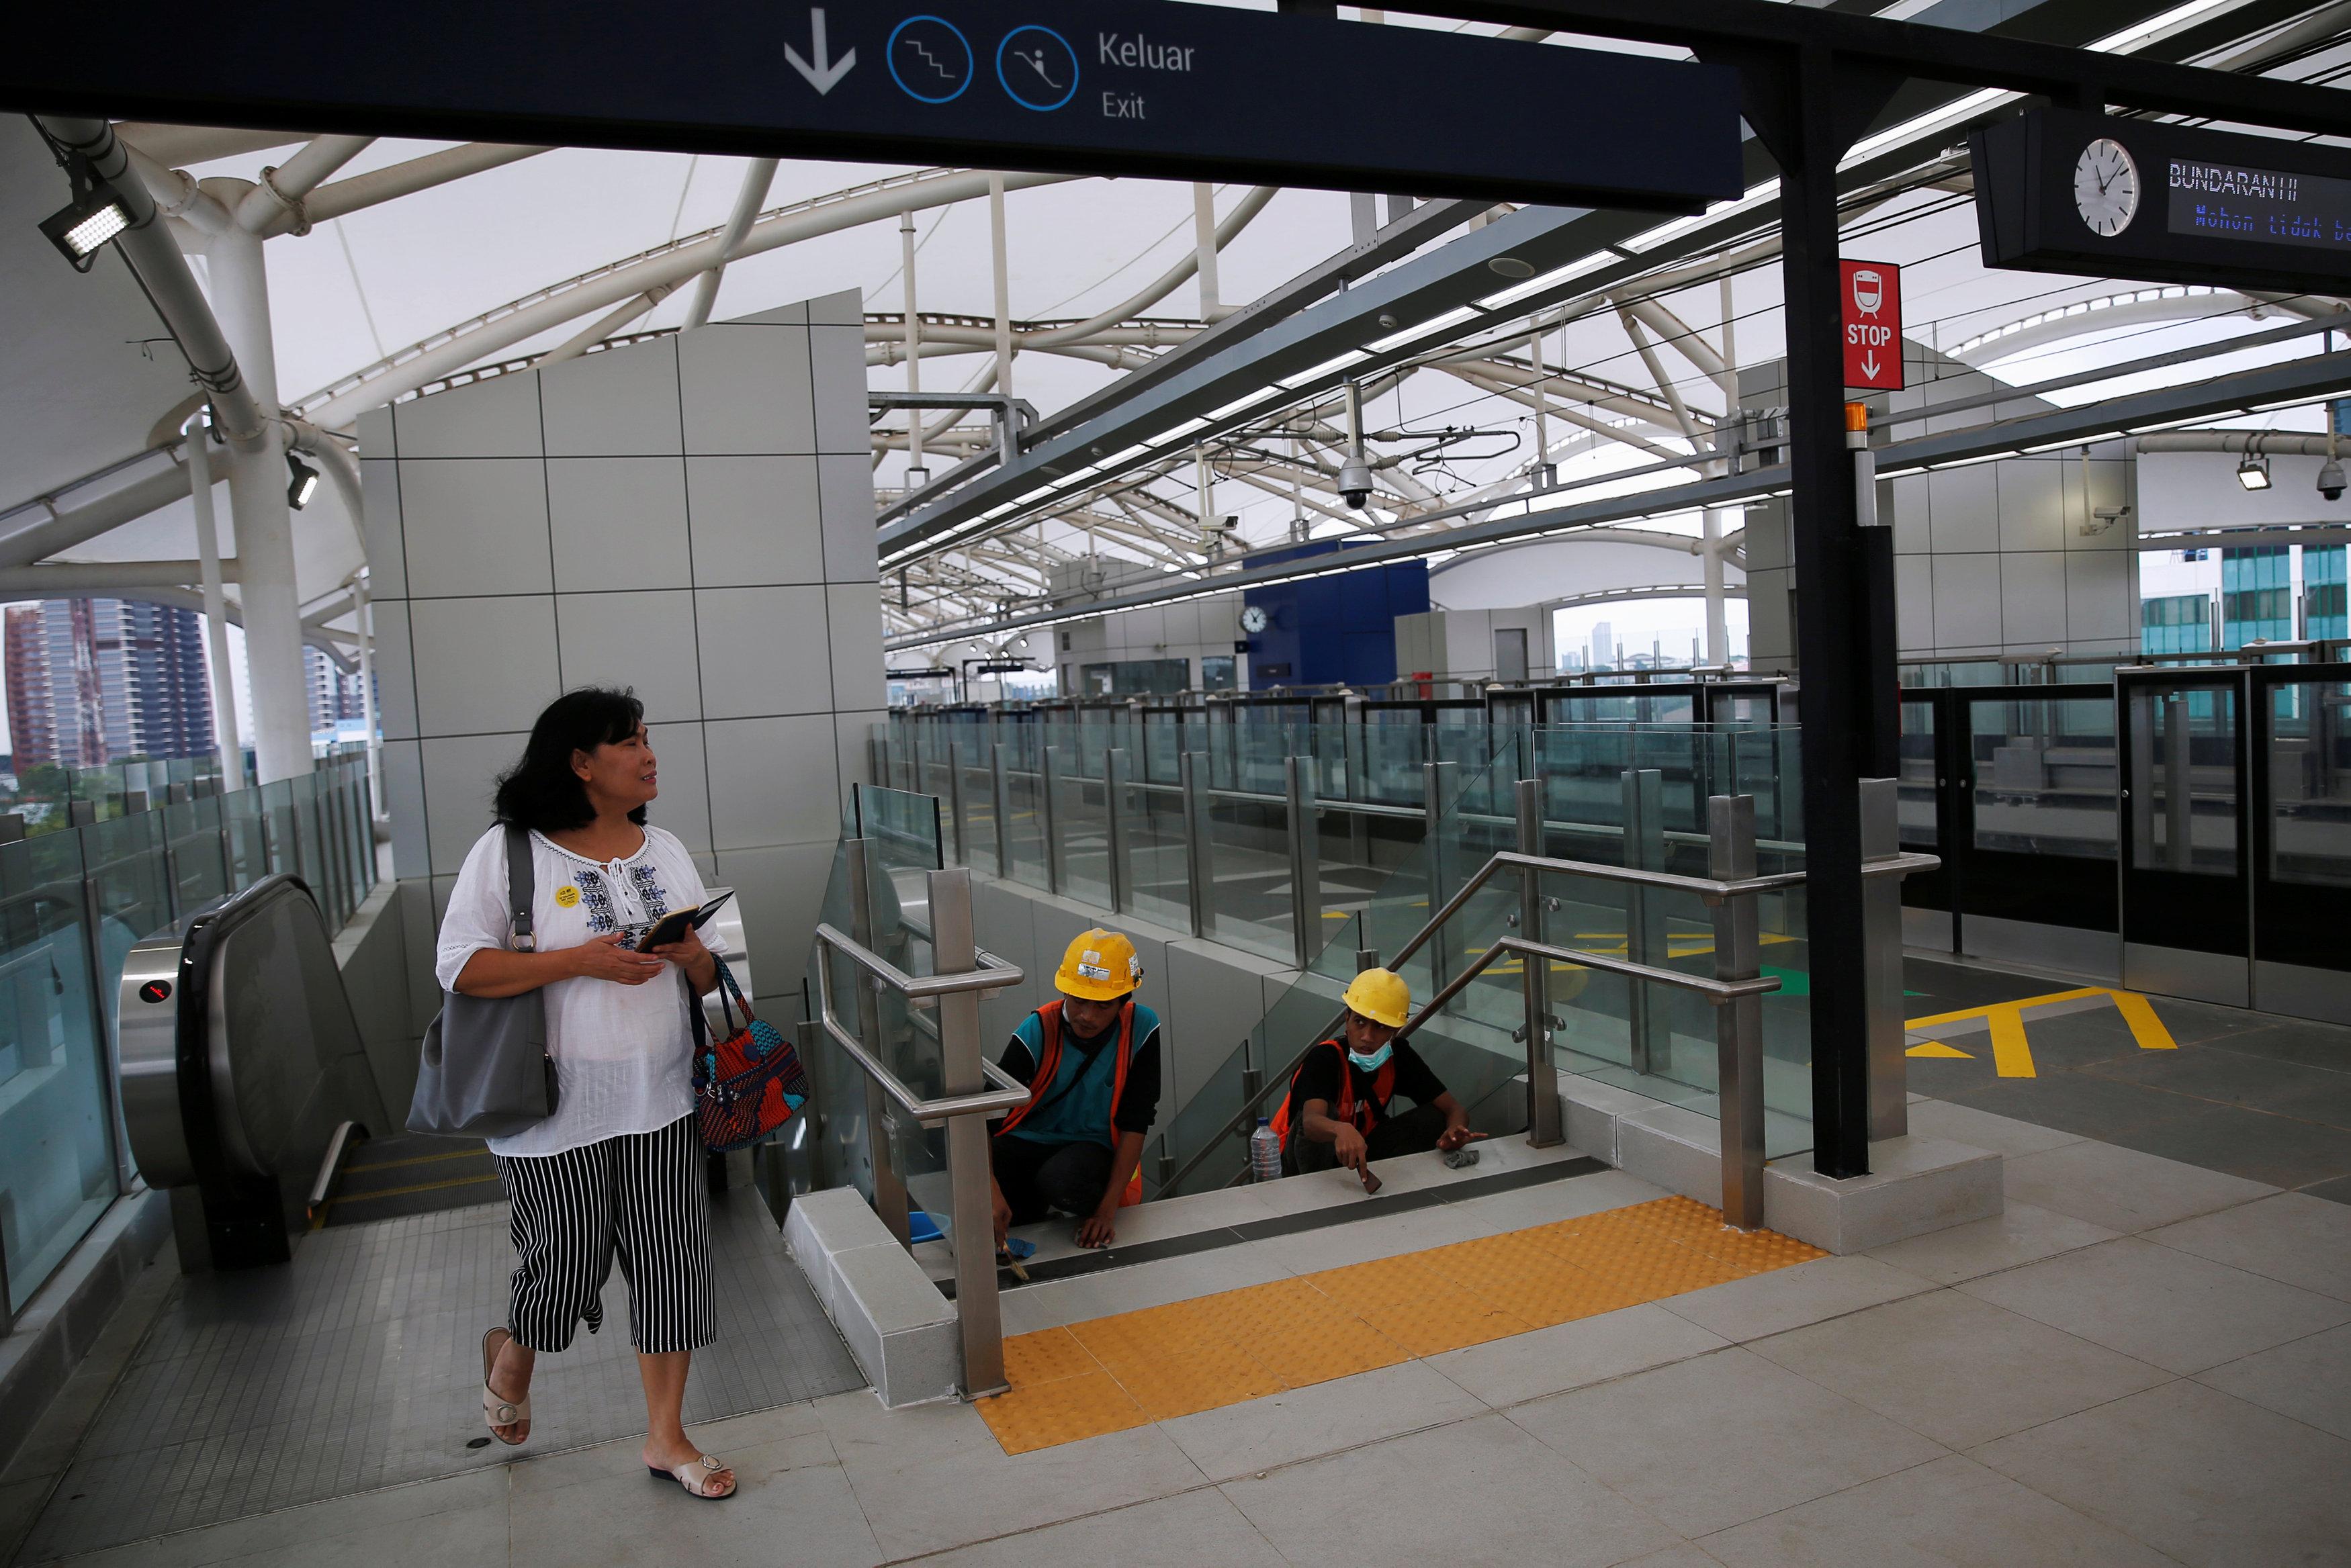 مواطنة تتفقد محطة المترو الجديد